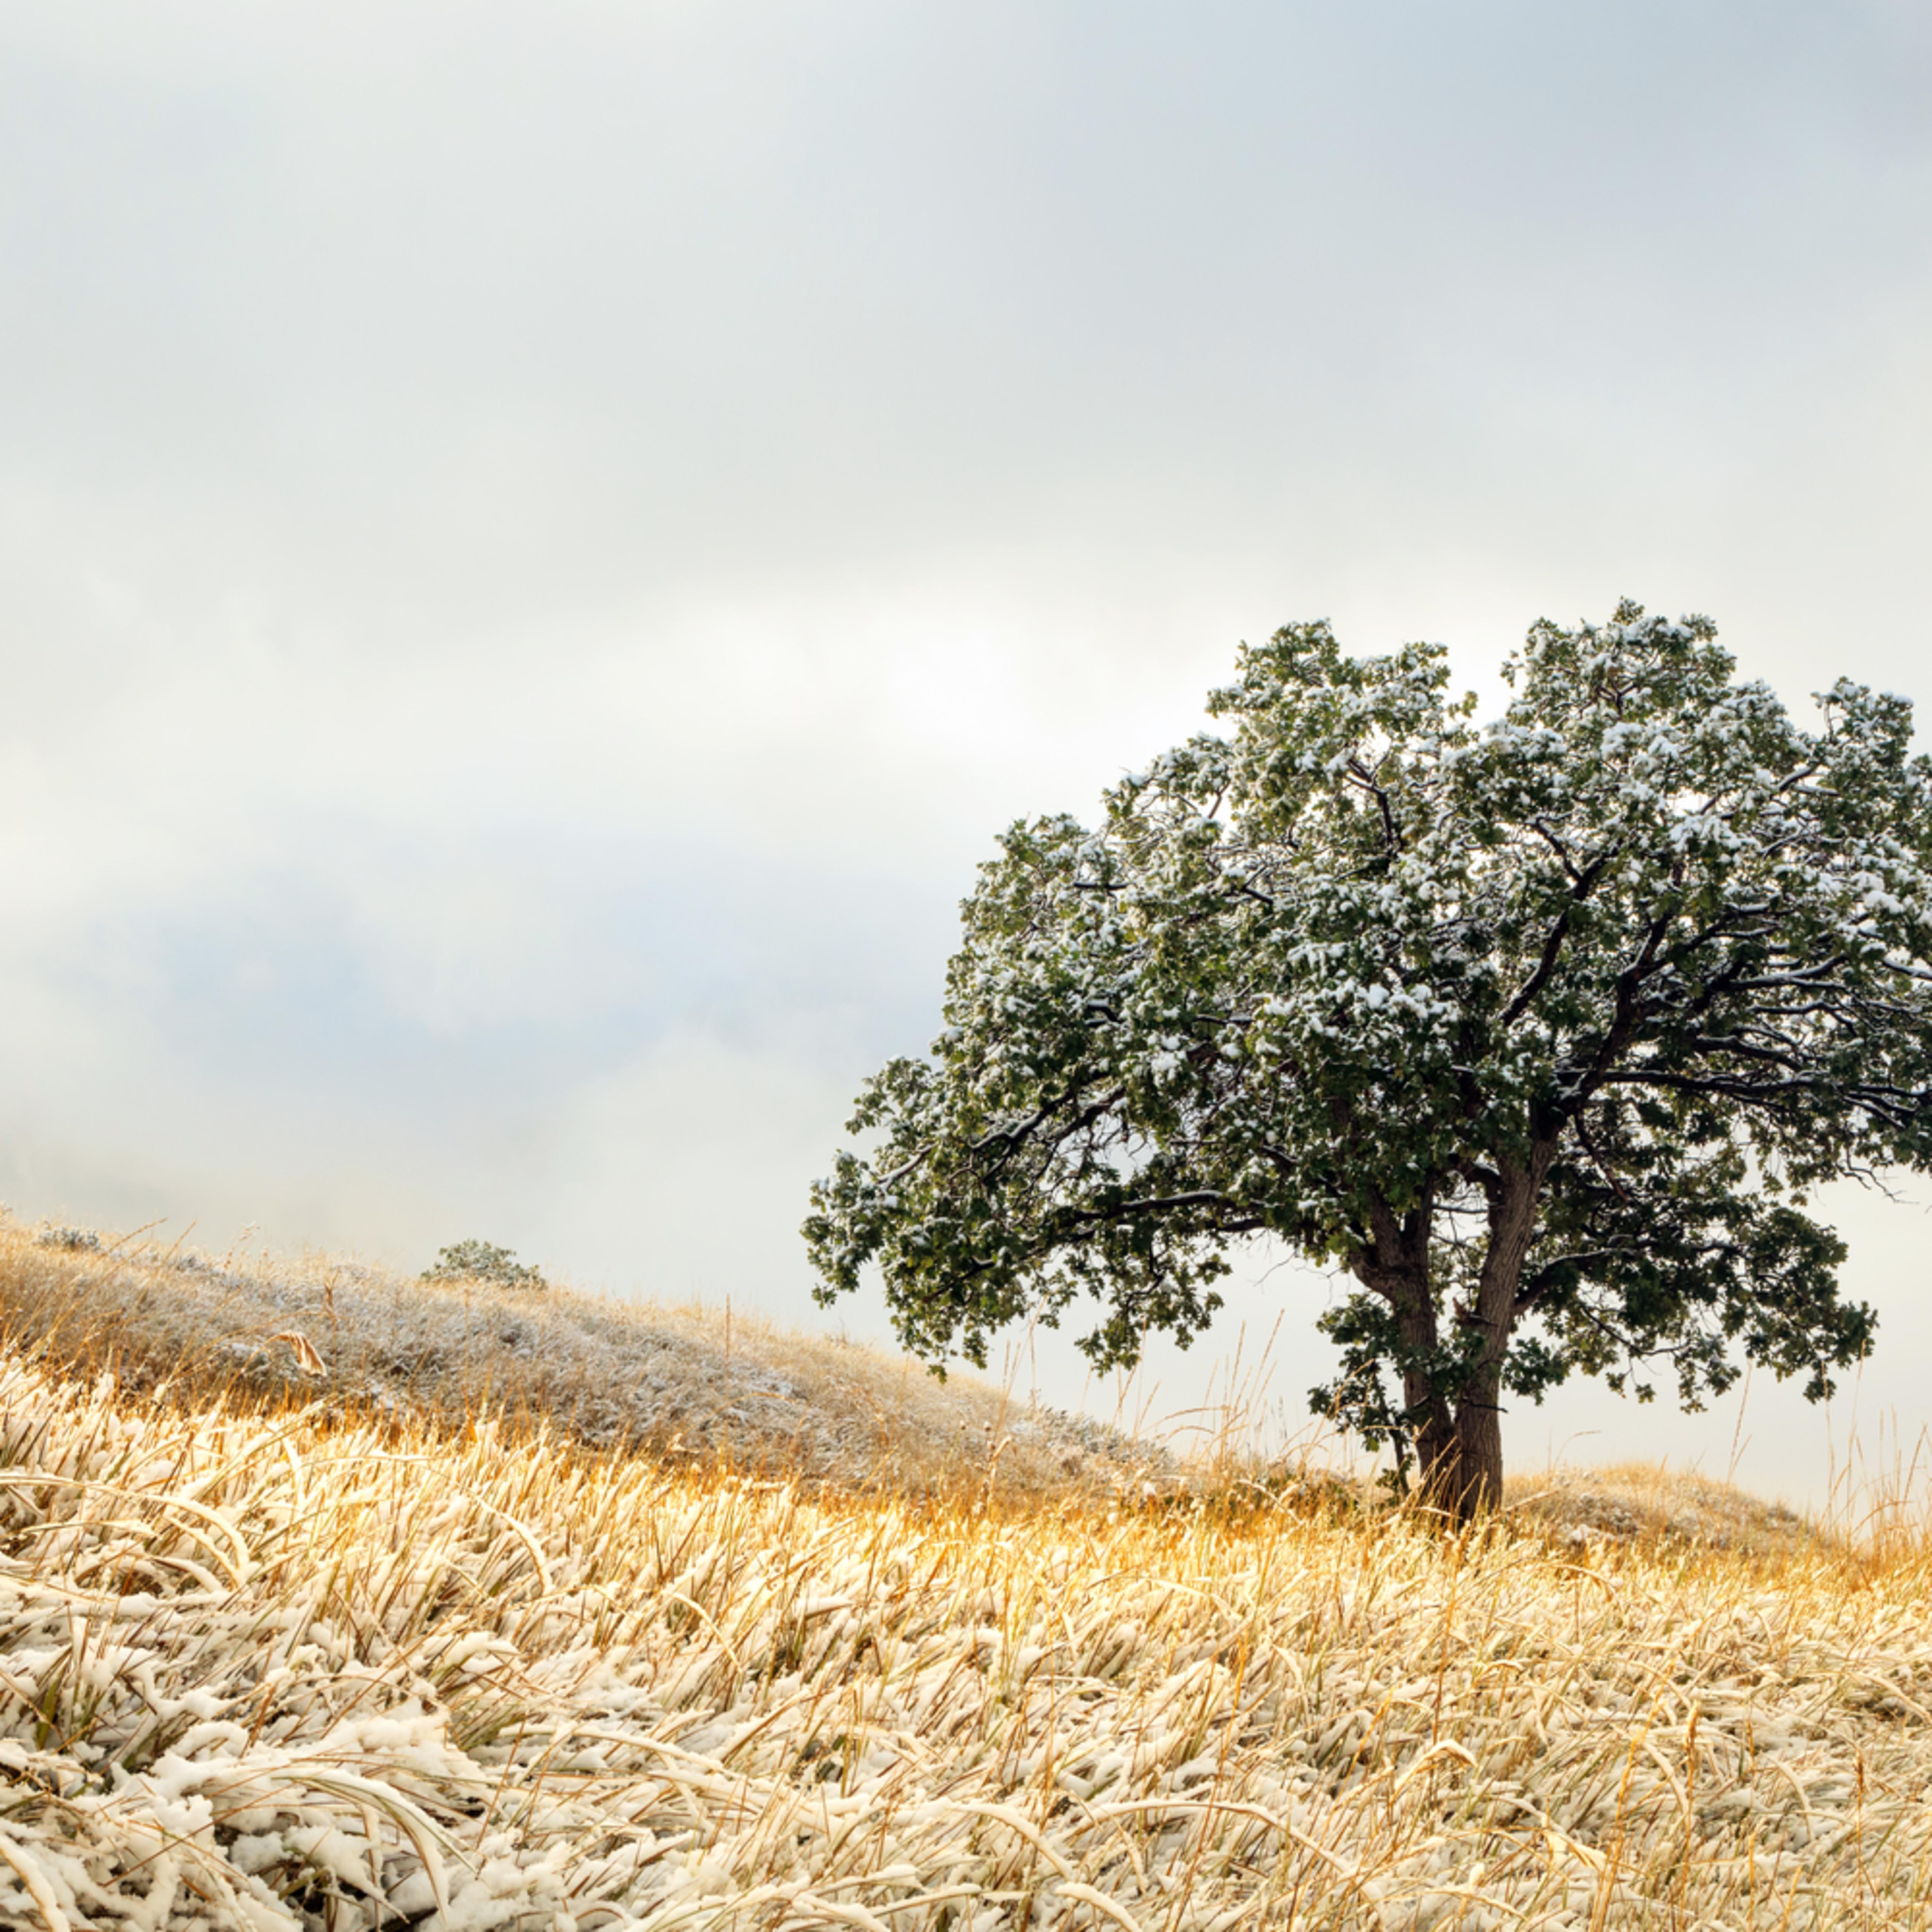 Lone wasatch oak kqzjsv